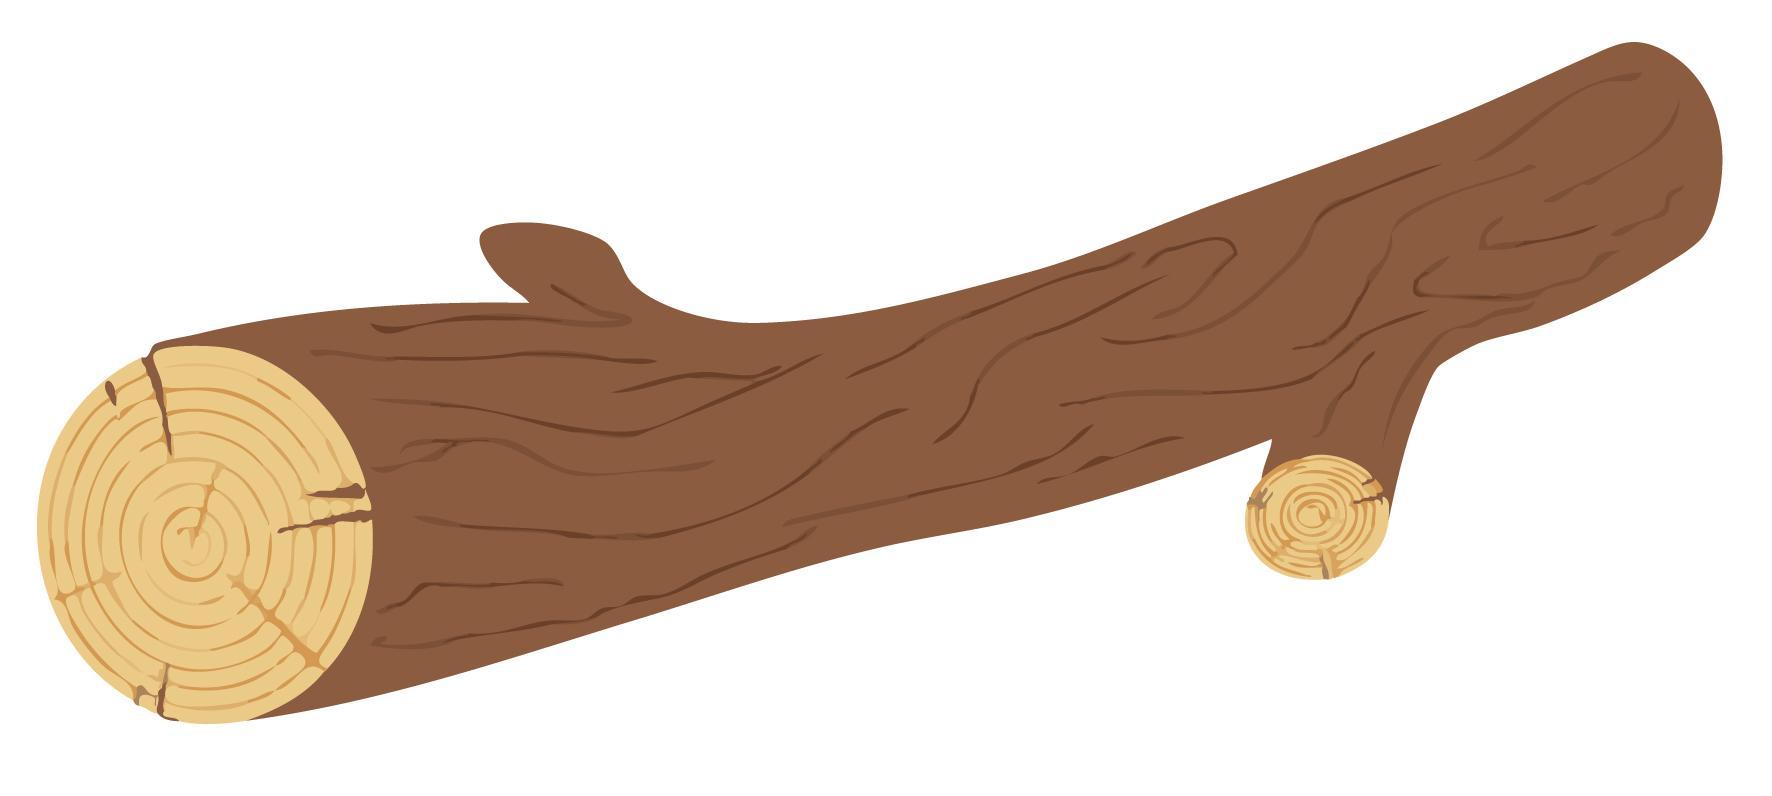 Logs Clipart.